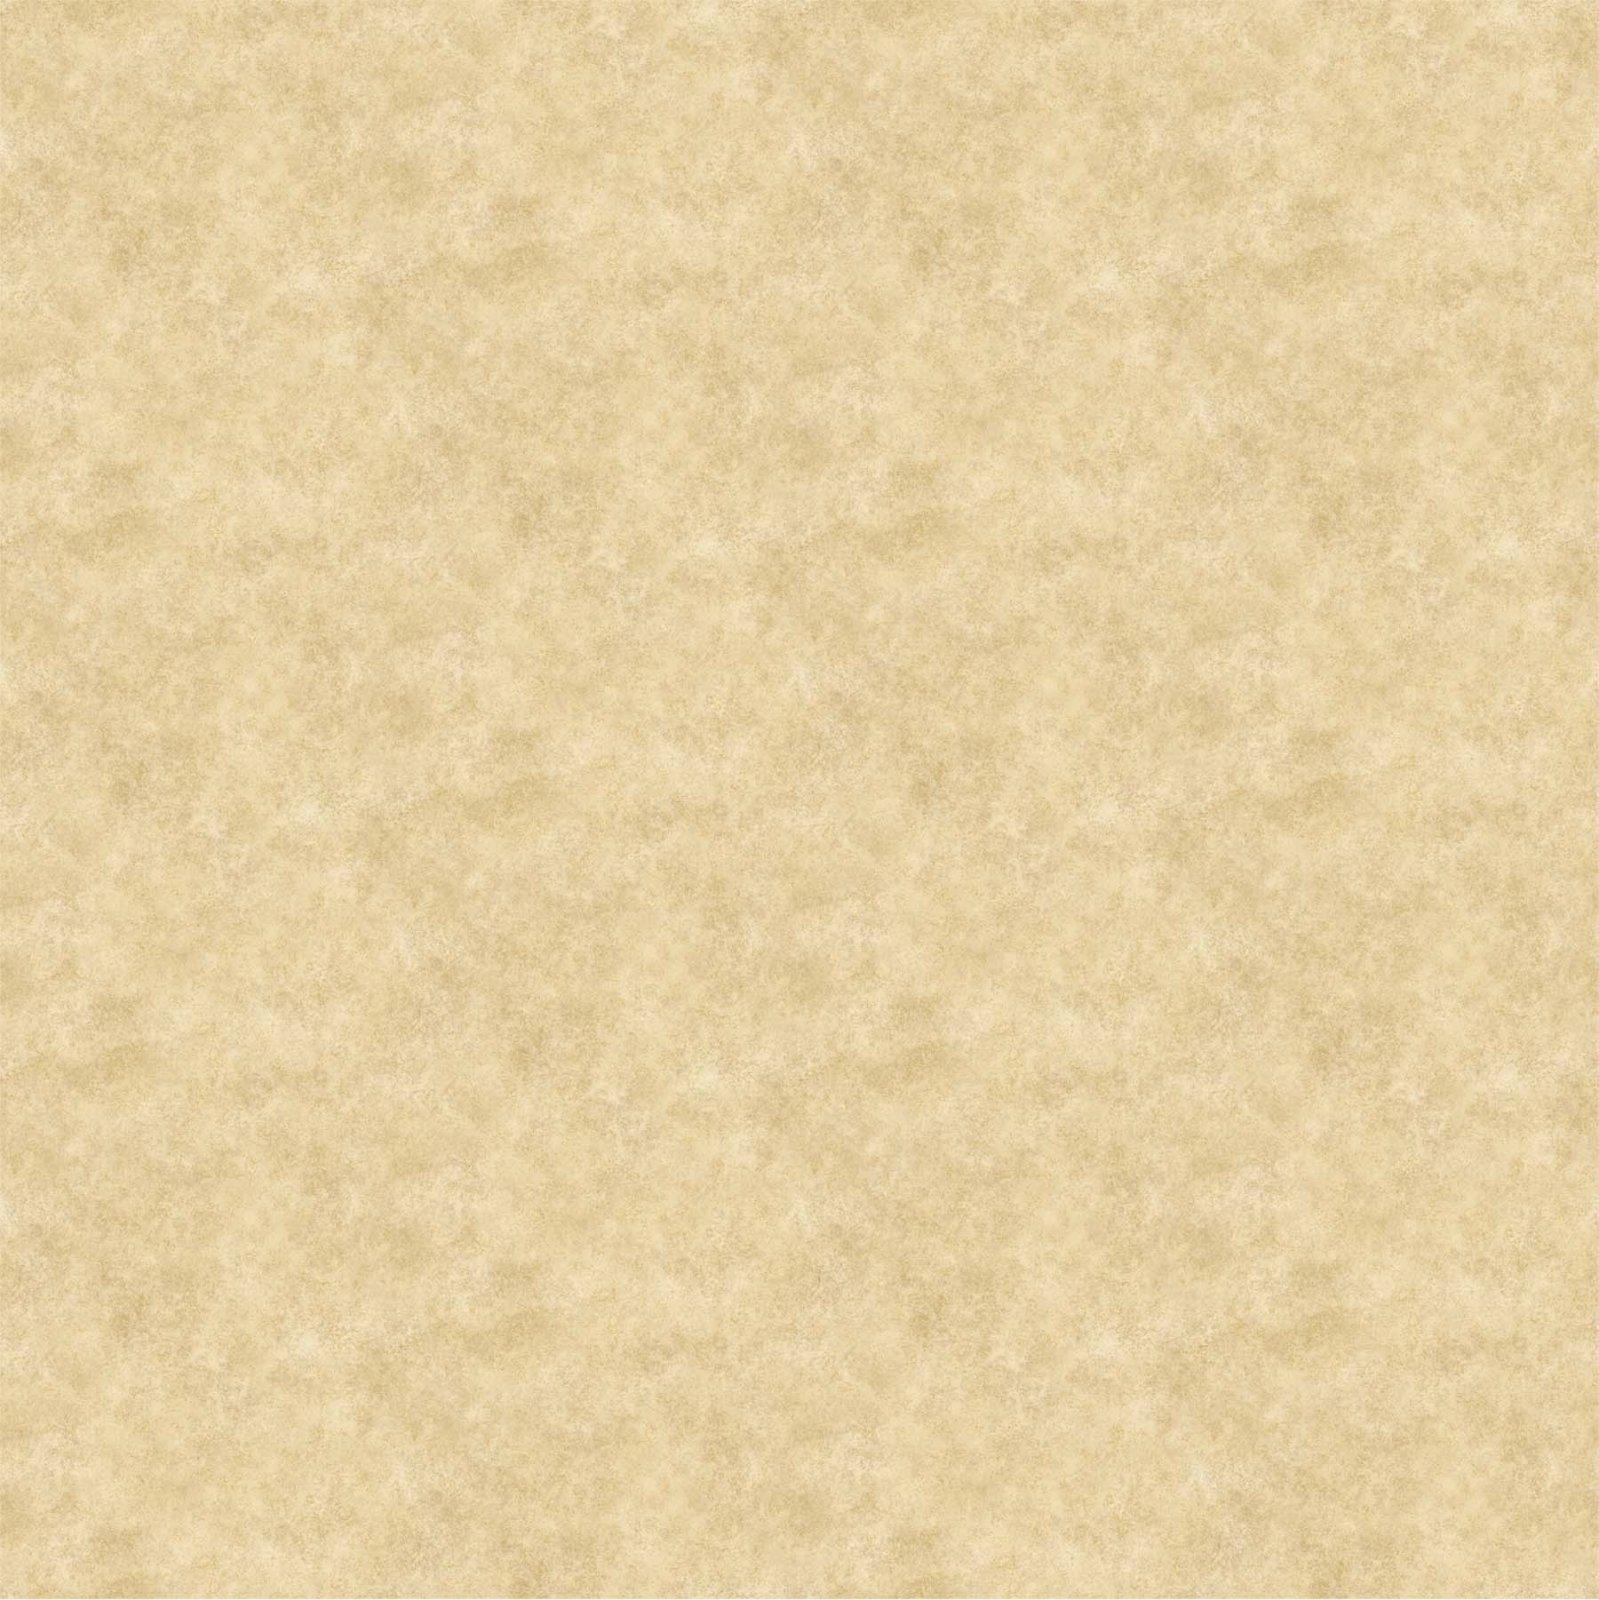 Shimmer - Radiance - Creme Brulee